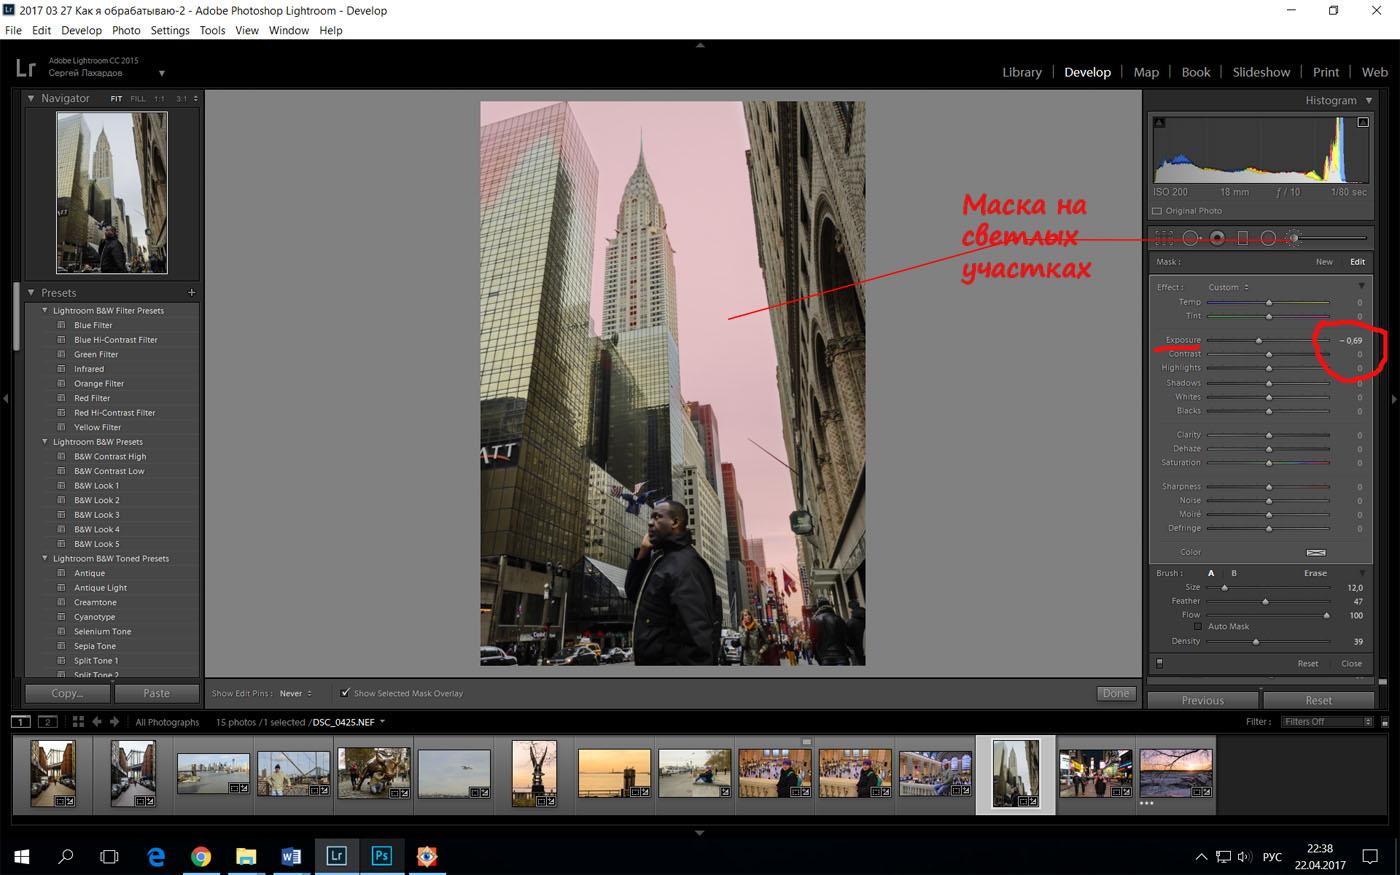 37. При съемке в камерном JPEG у вас нет возможности раздельно обработать светлые и темные участки фотографии. Программа Лайтрум позволяет применить маски.